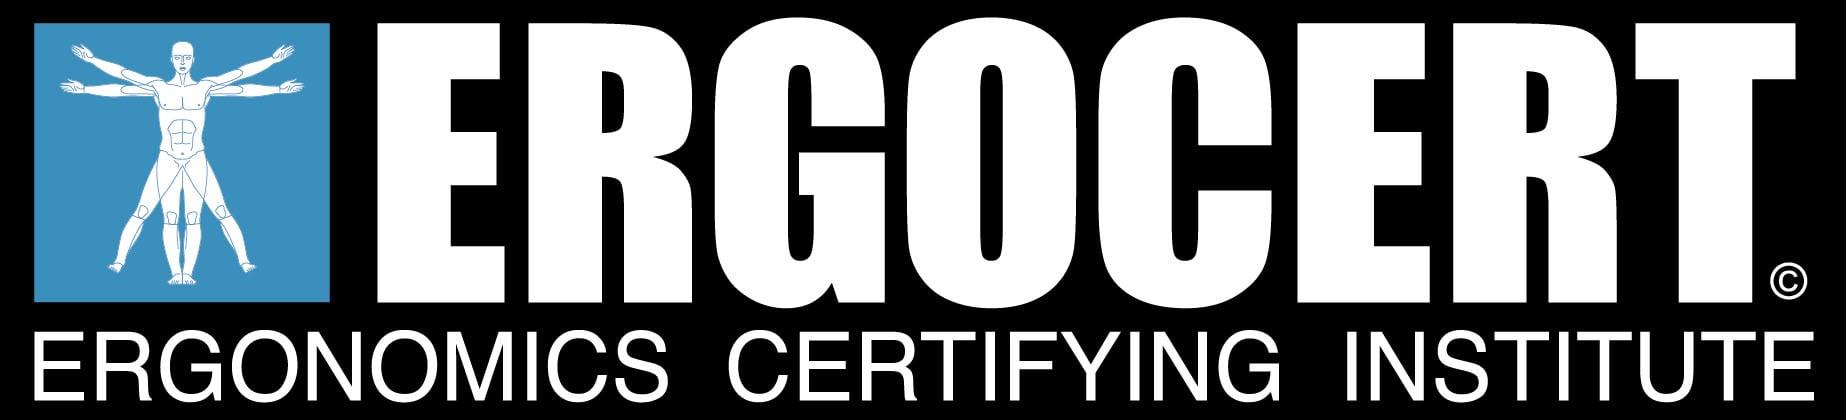 ergocert-logo